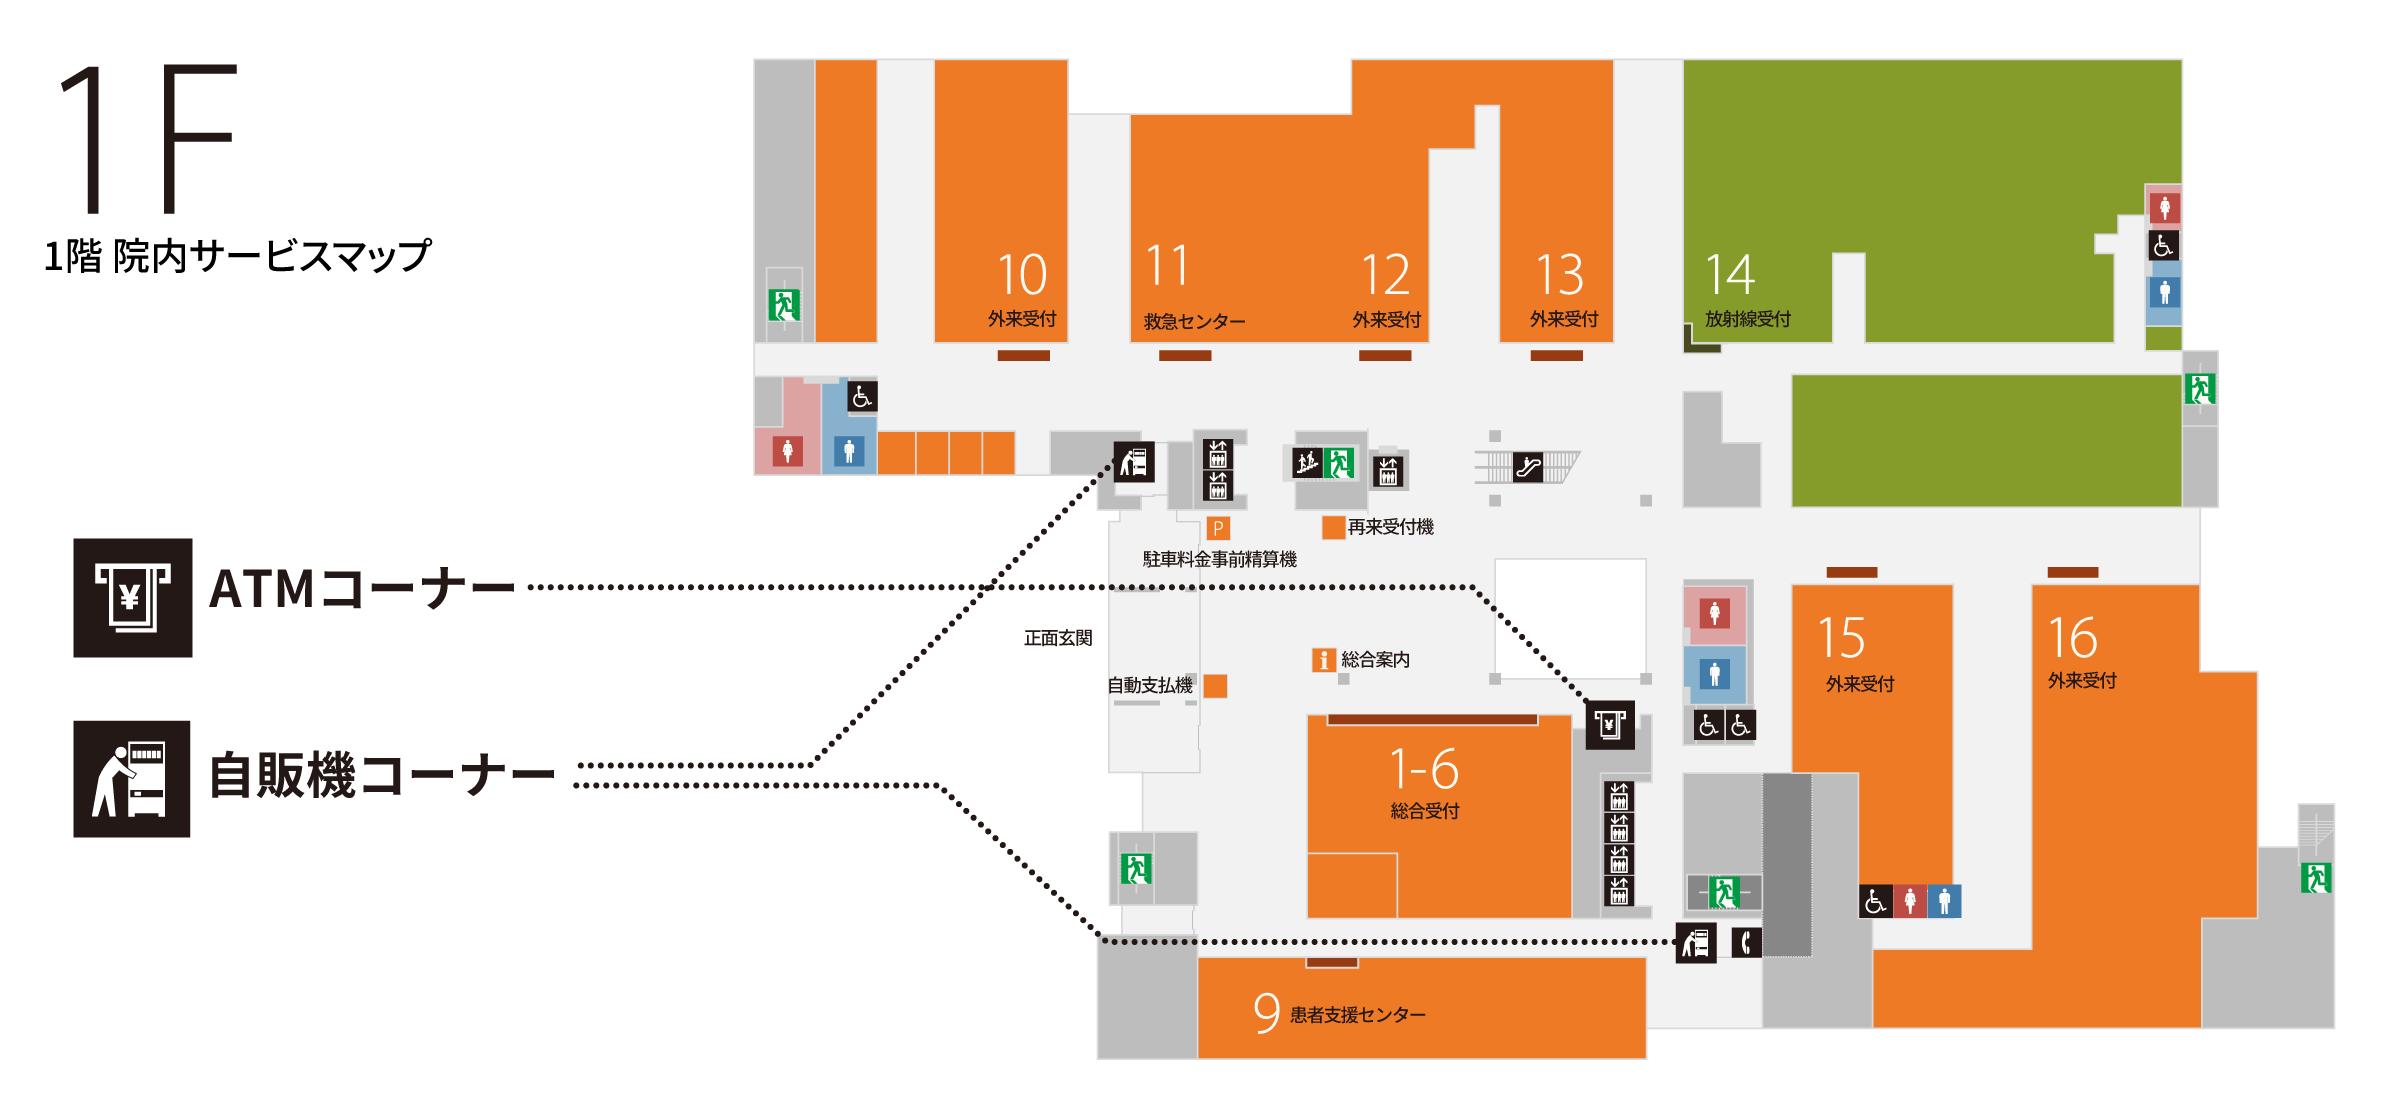 サービスマップ1F